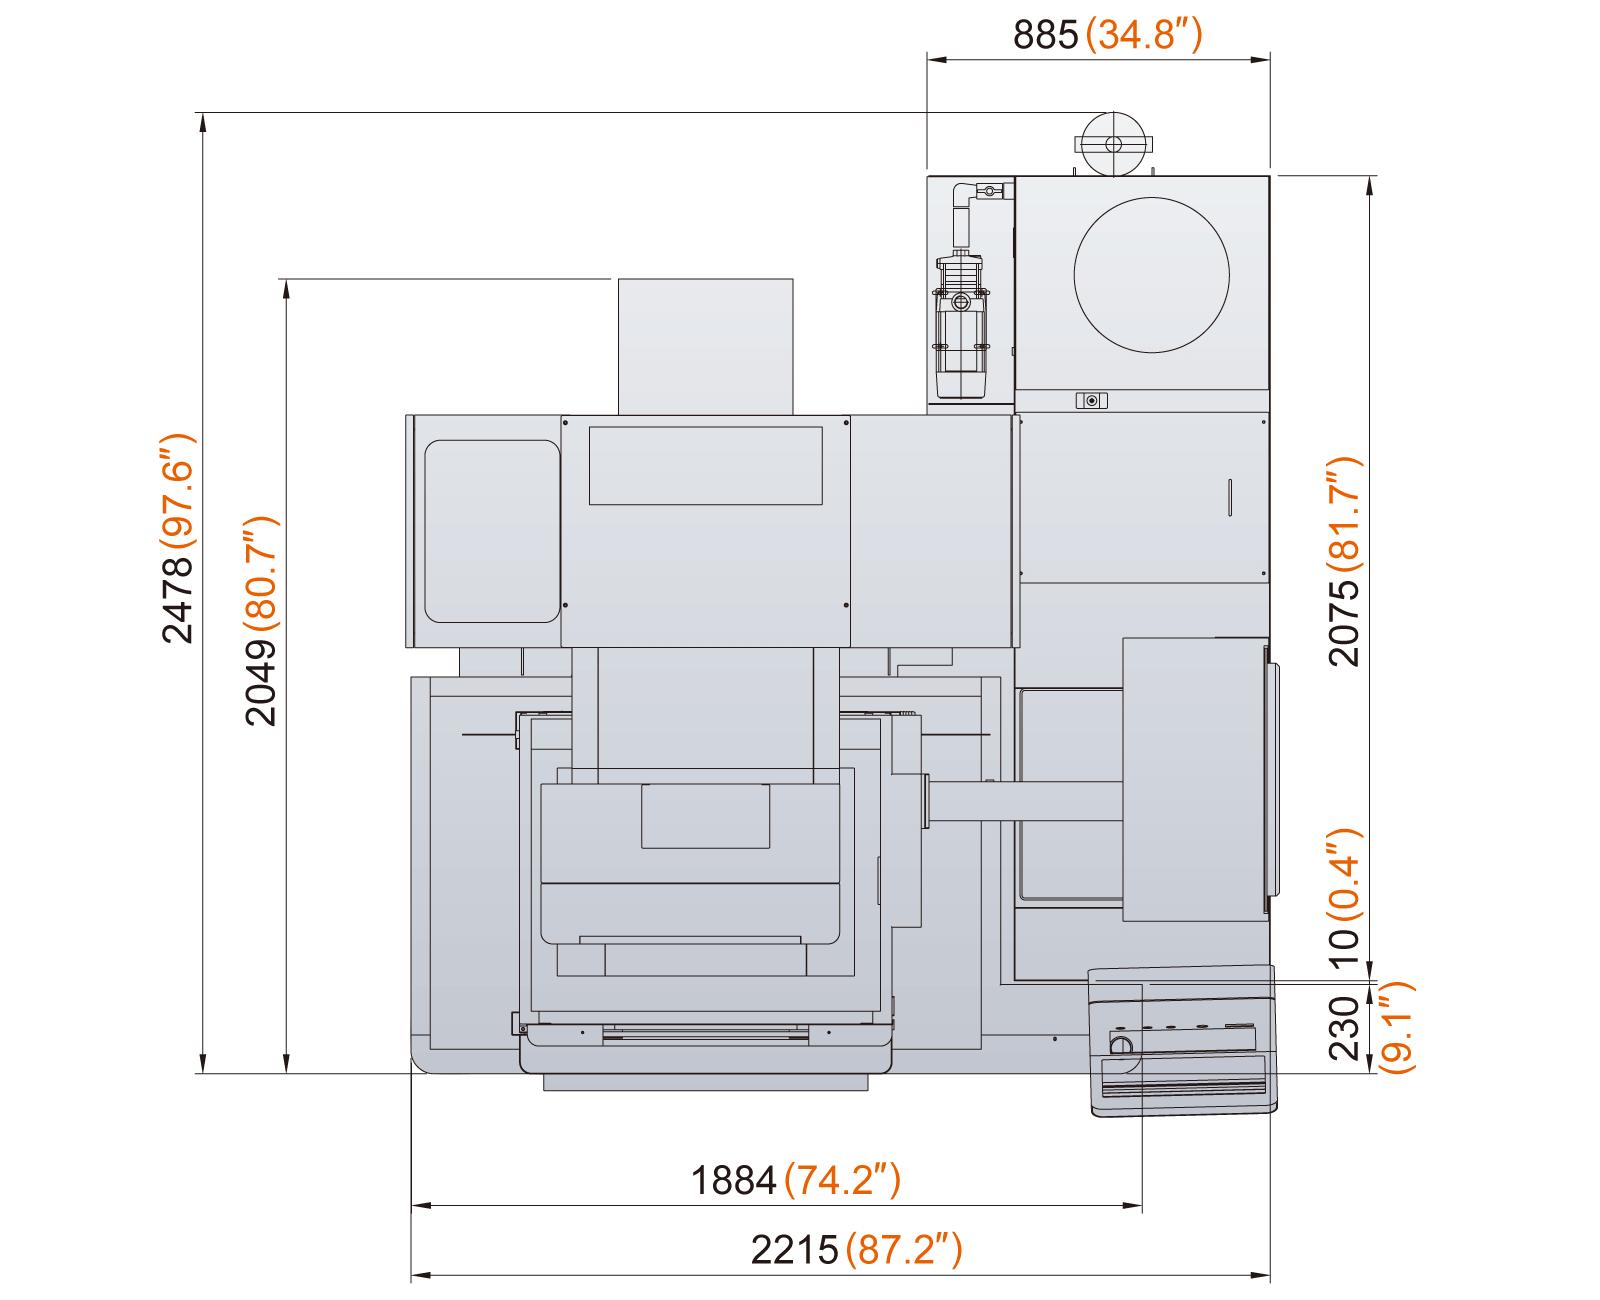 Excetek V500G floorplan